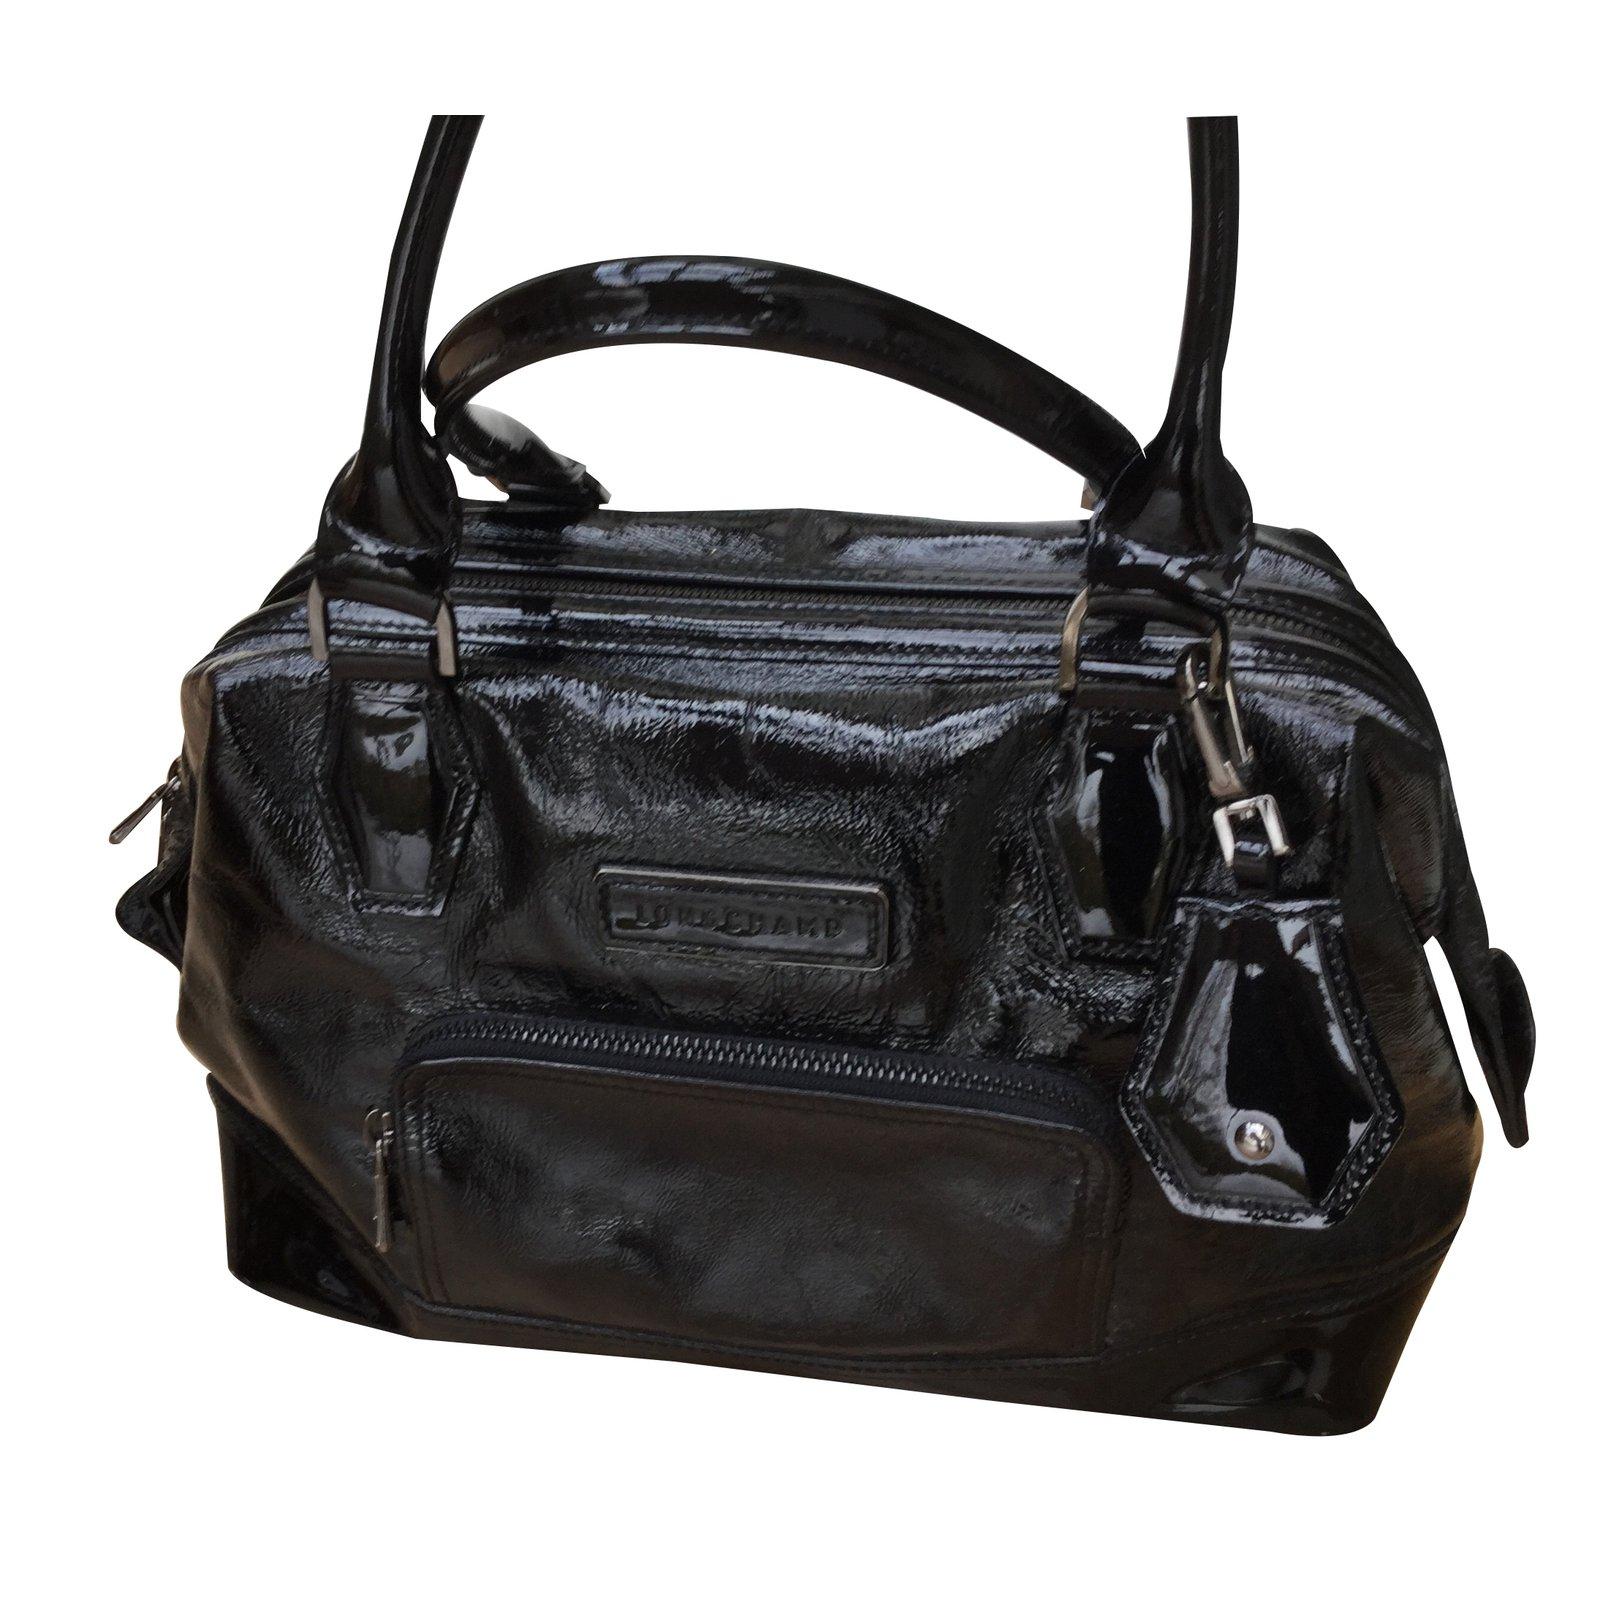 À Cuir 14722 Main Ref Legend Longchamp Sacs Noir Vernis PwnFxdqP74